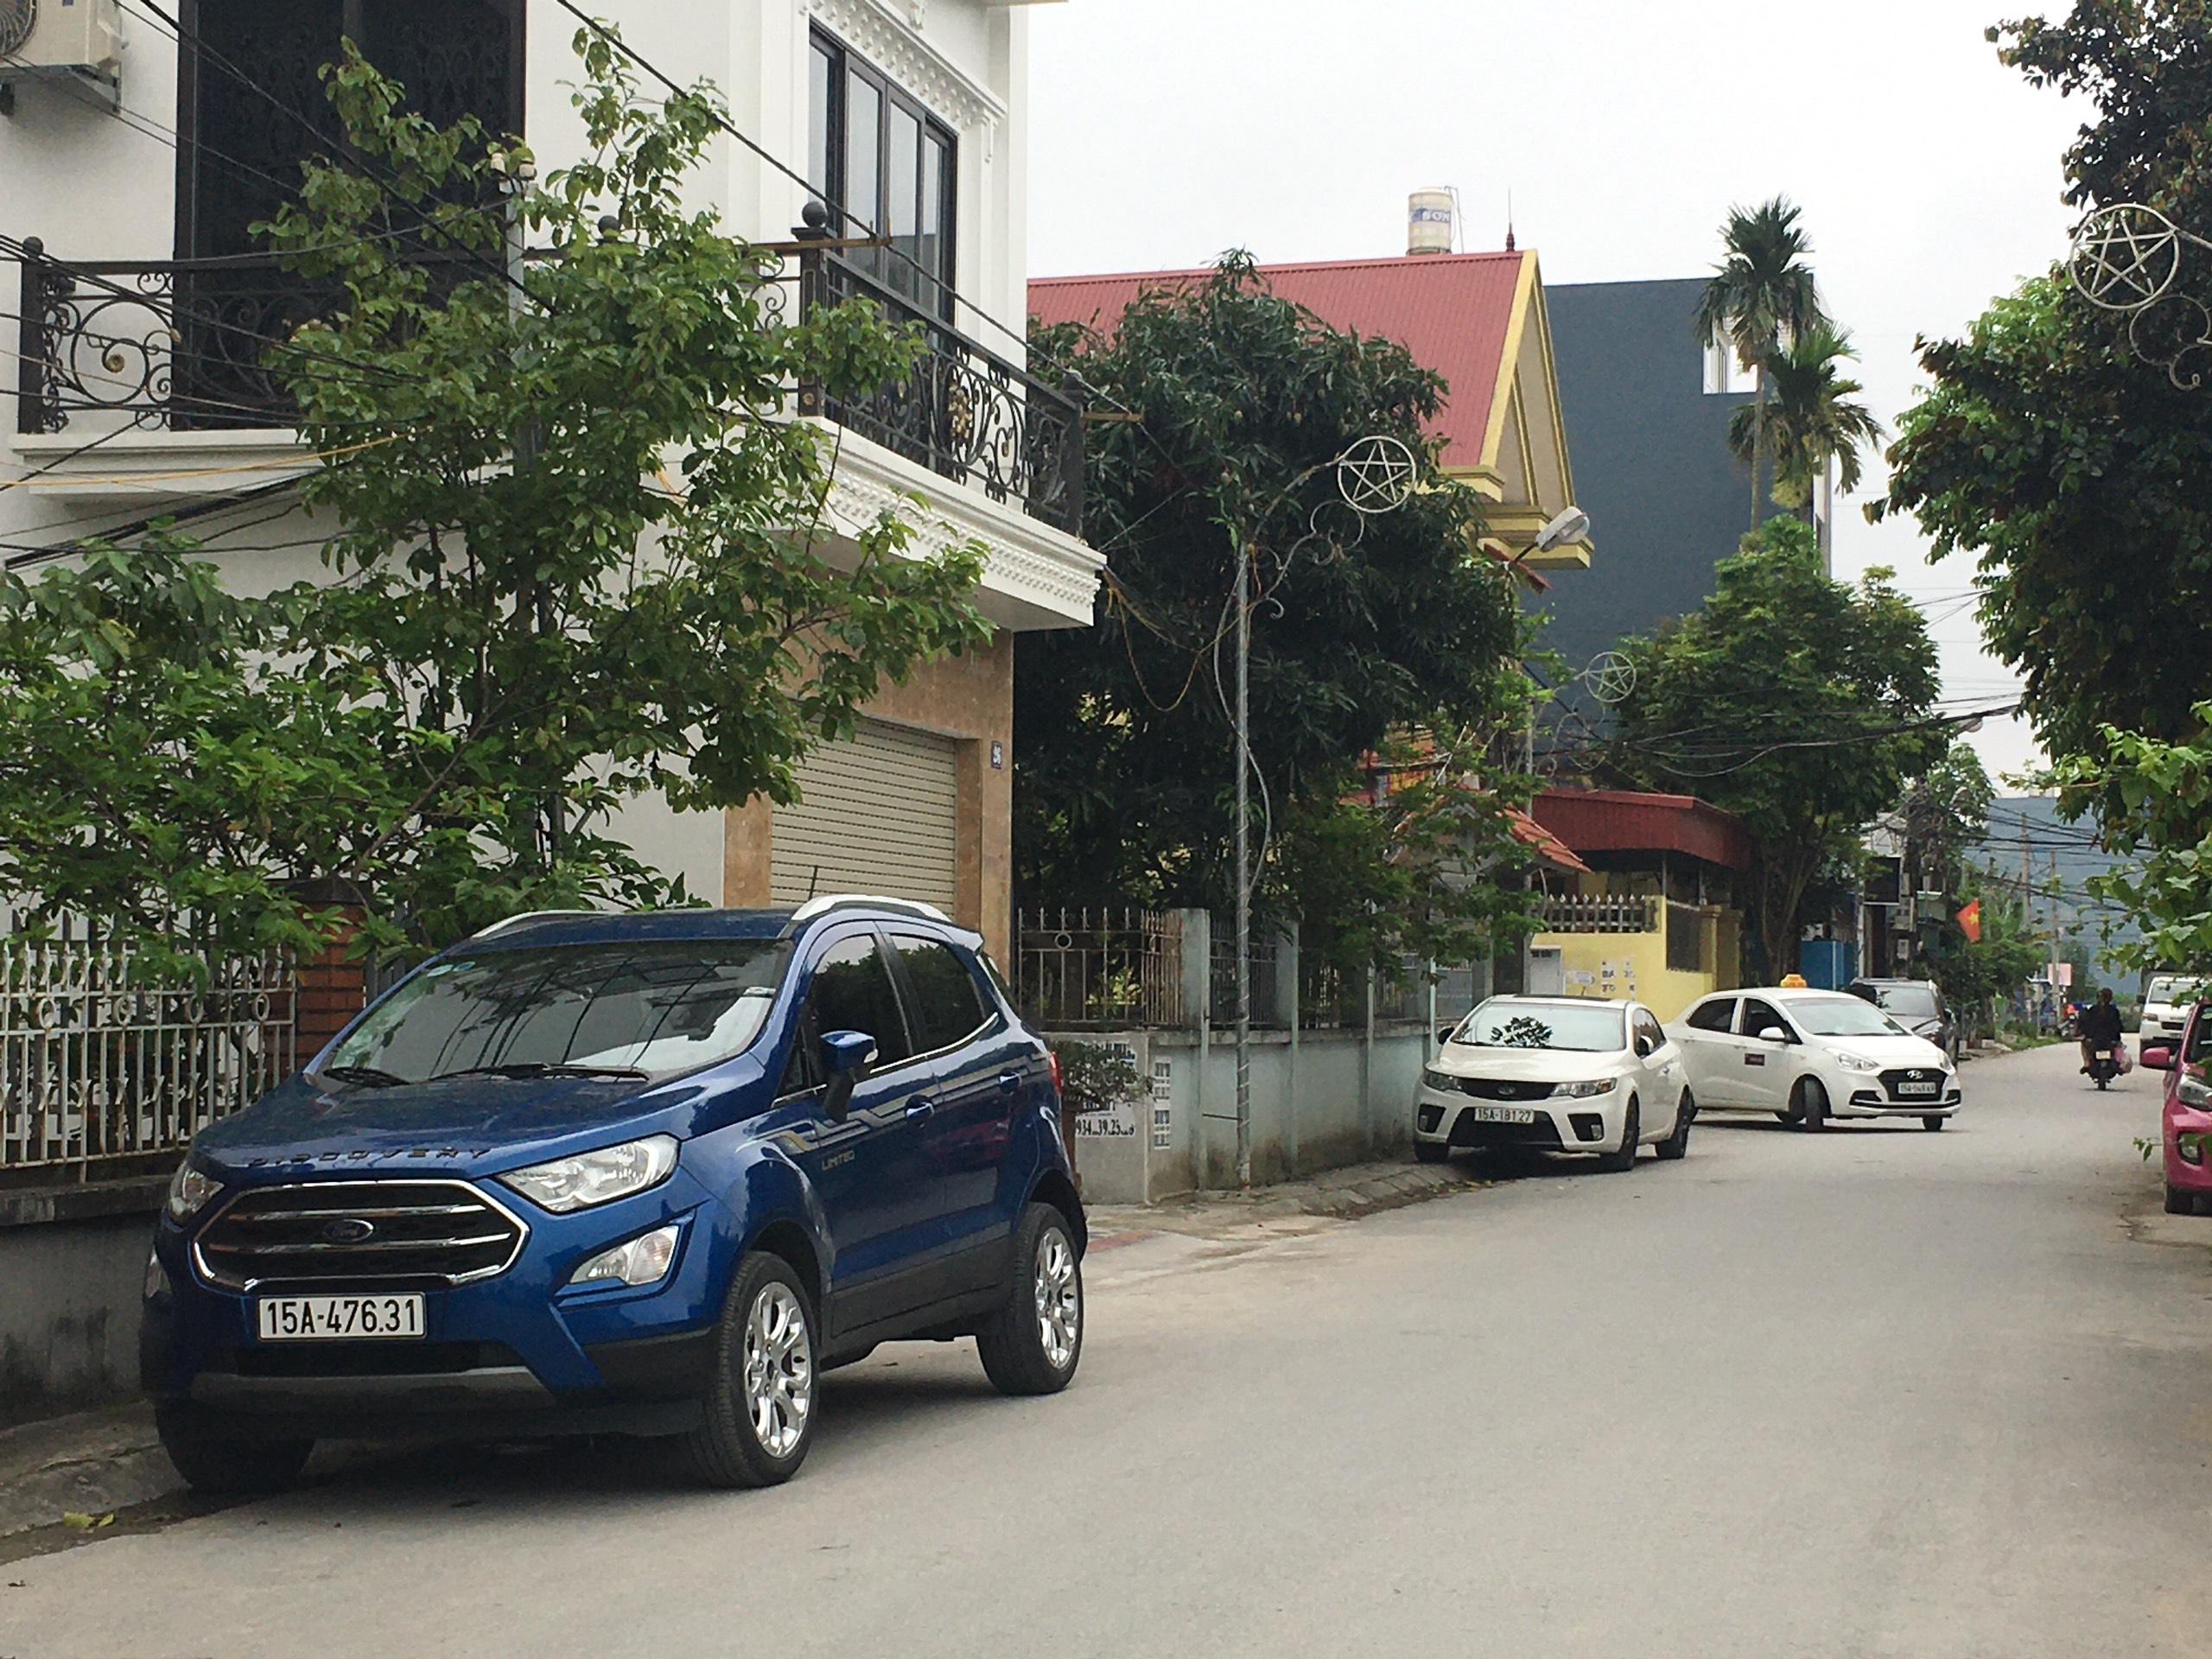 Bán gấp lô đất biệt thự 2 mặt tiền khu TĐC Kiều Hạ, Đông Hải 2, Hải An, Hải Phòng